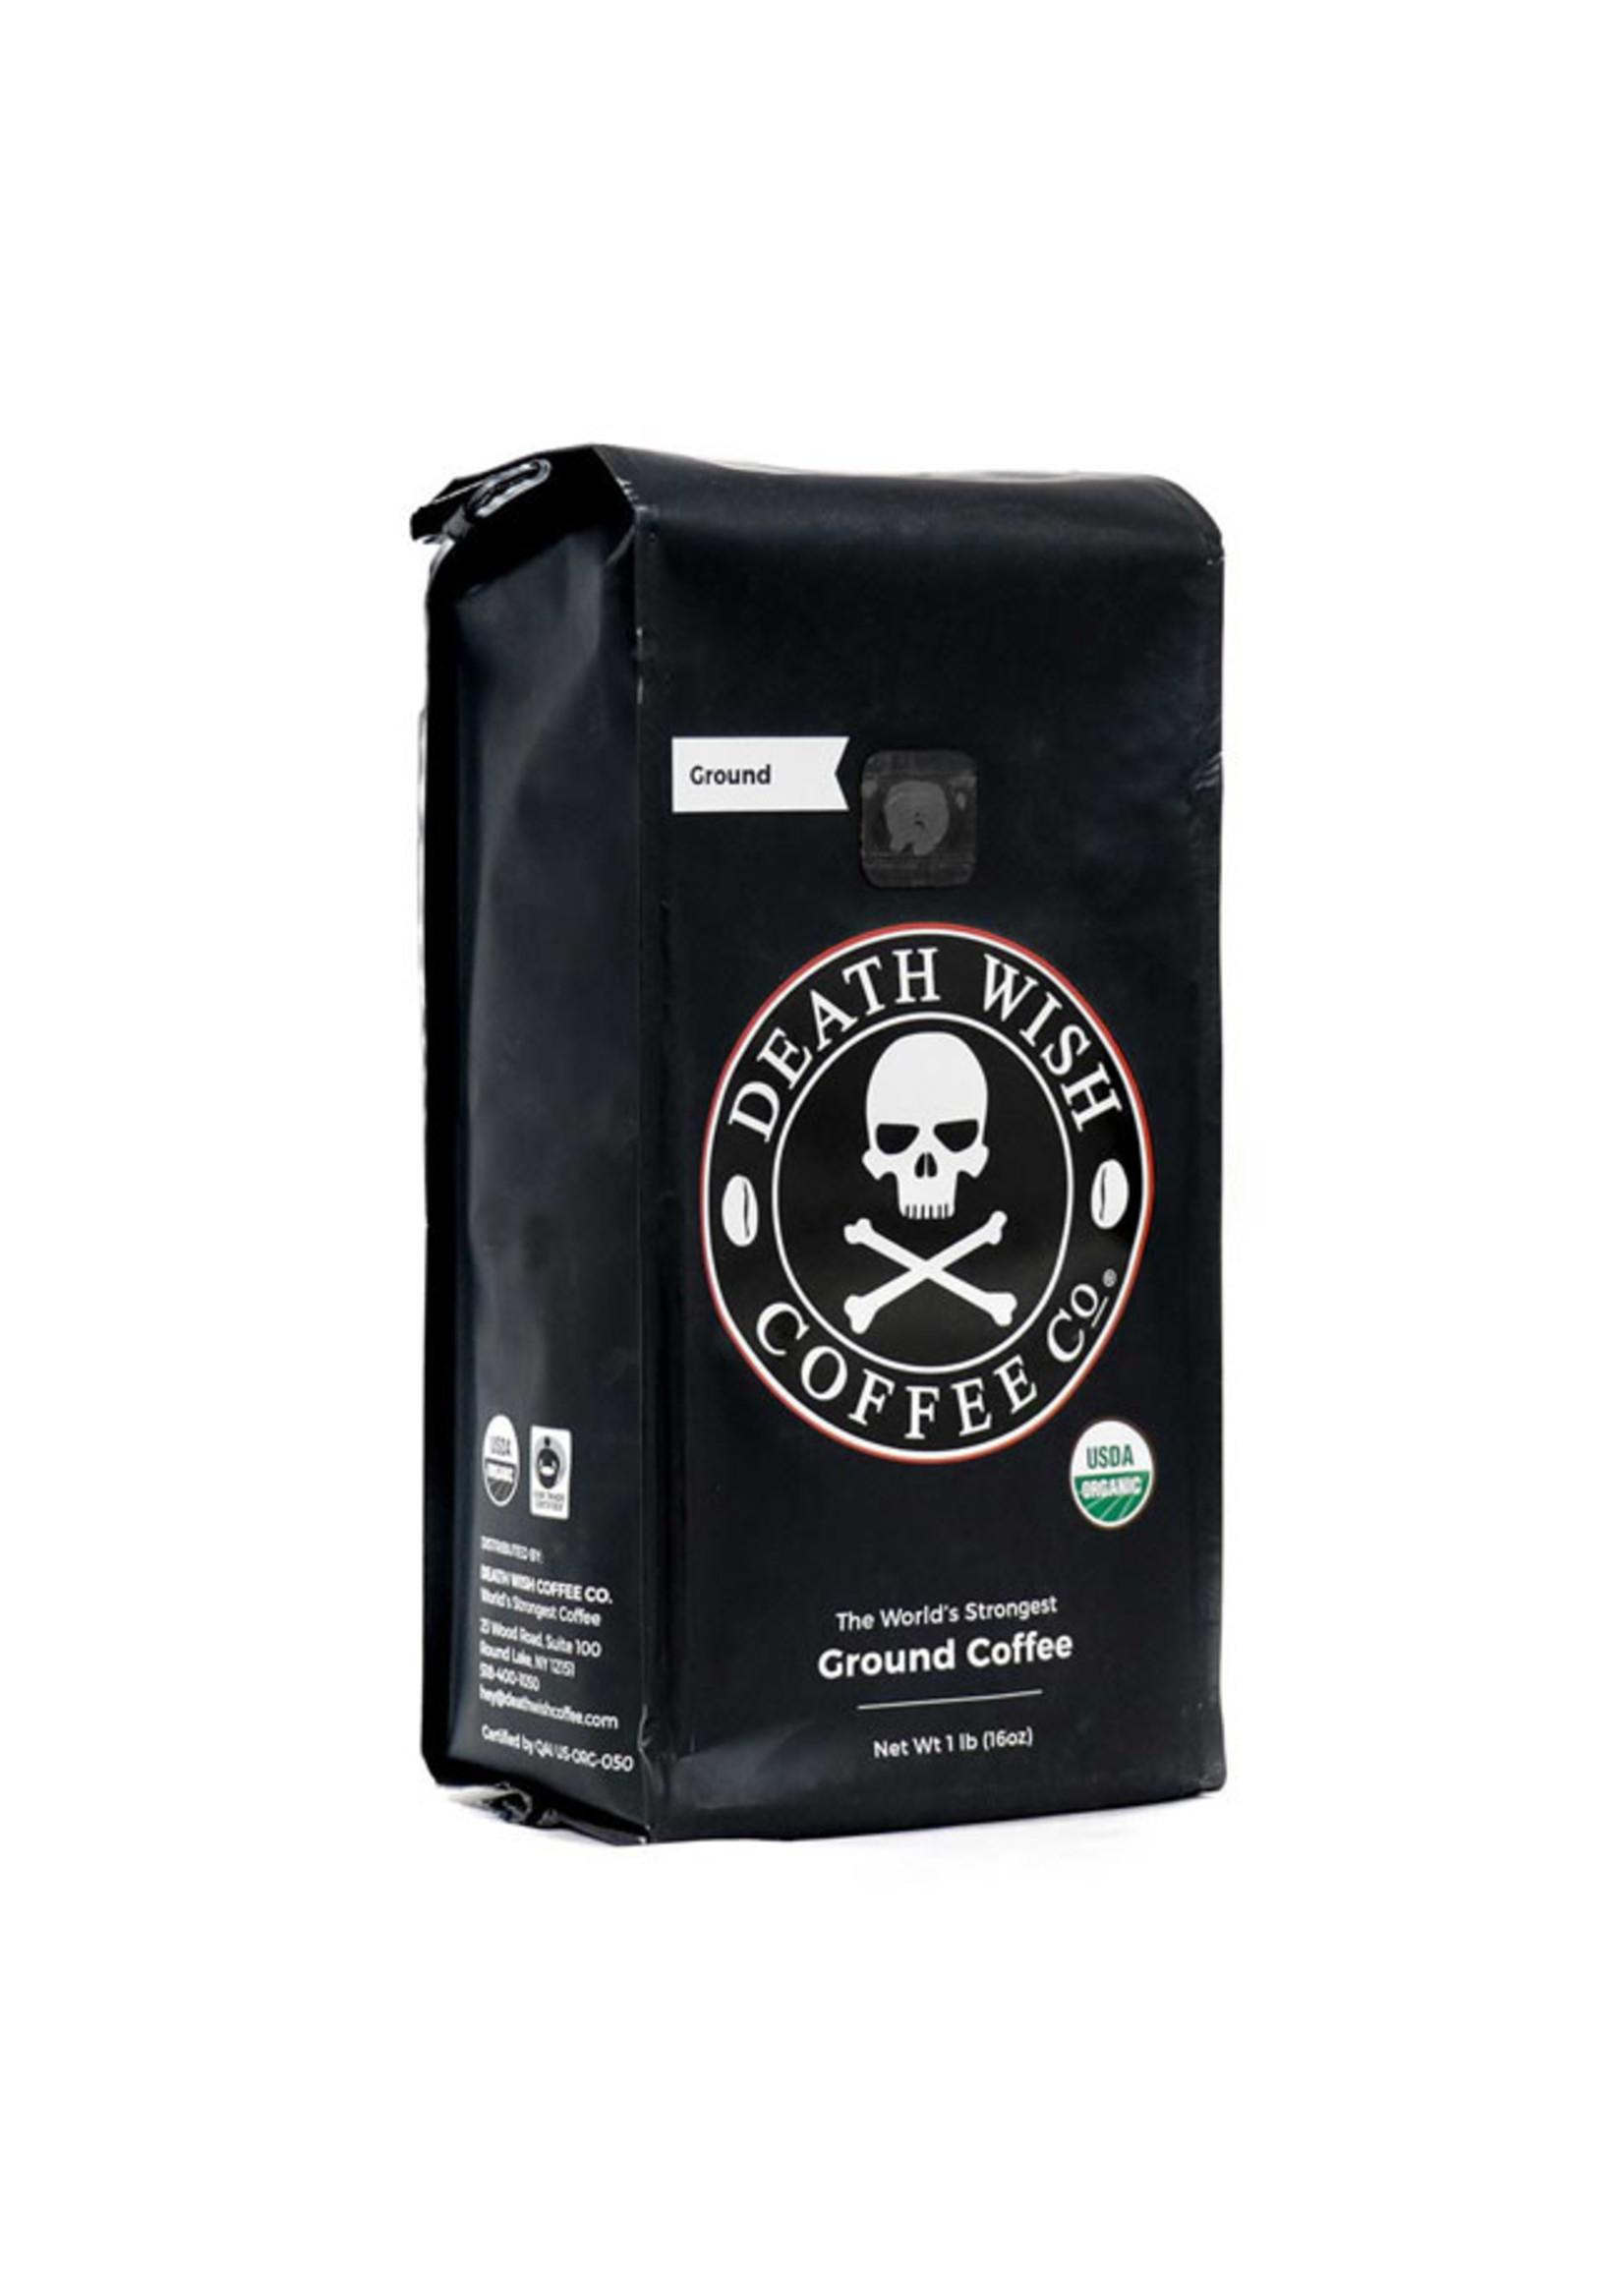 Deathwish Deathwish Ground Coffee